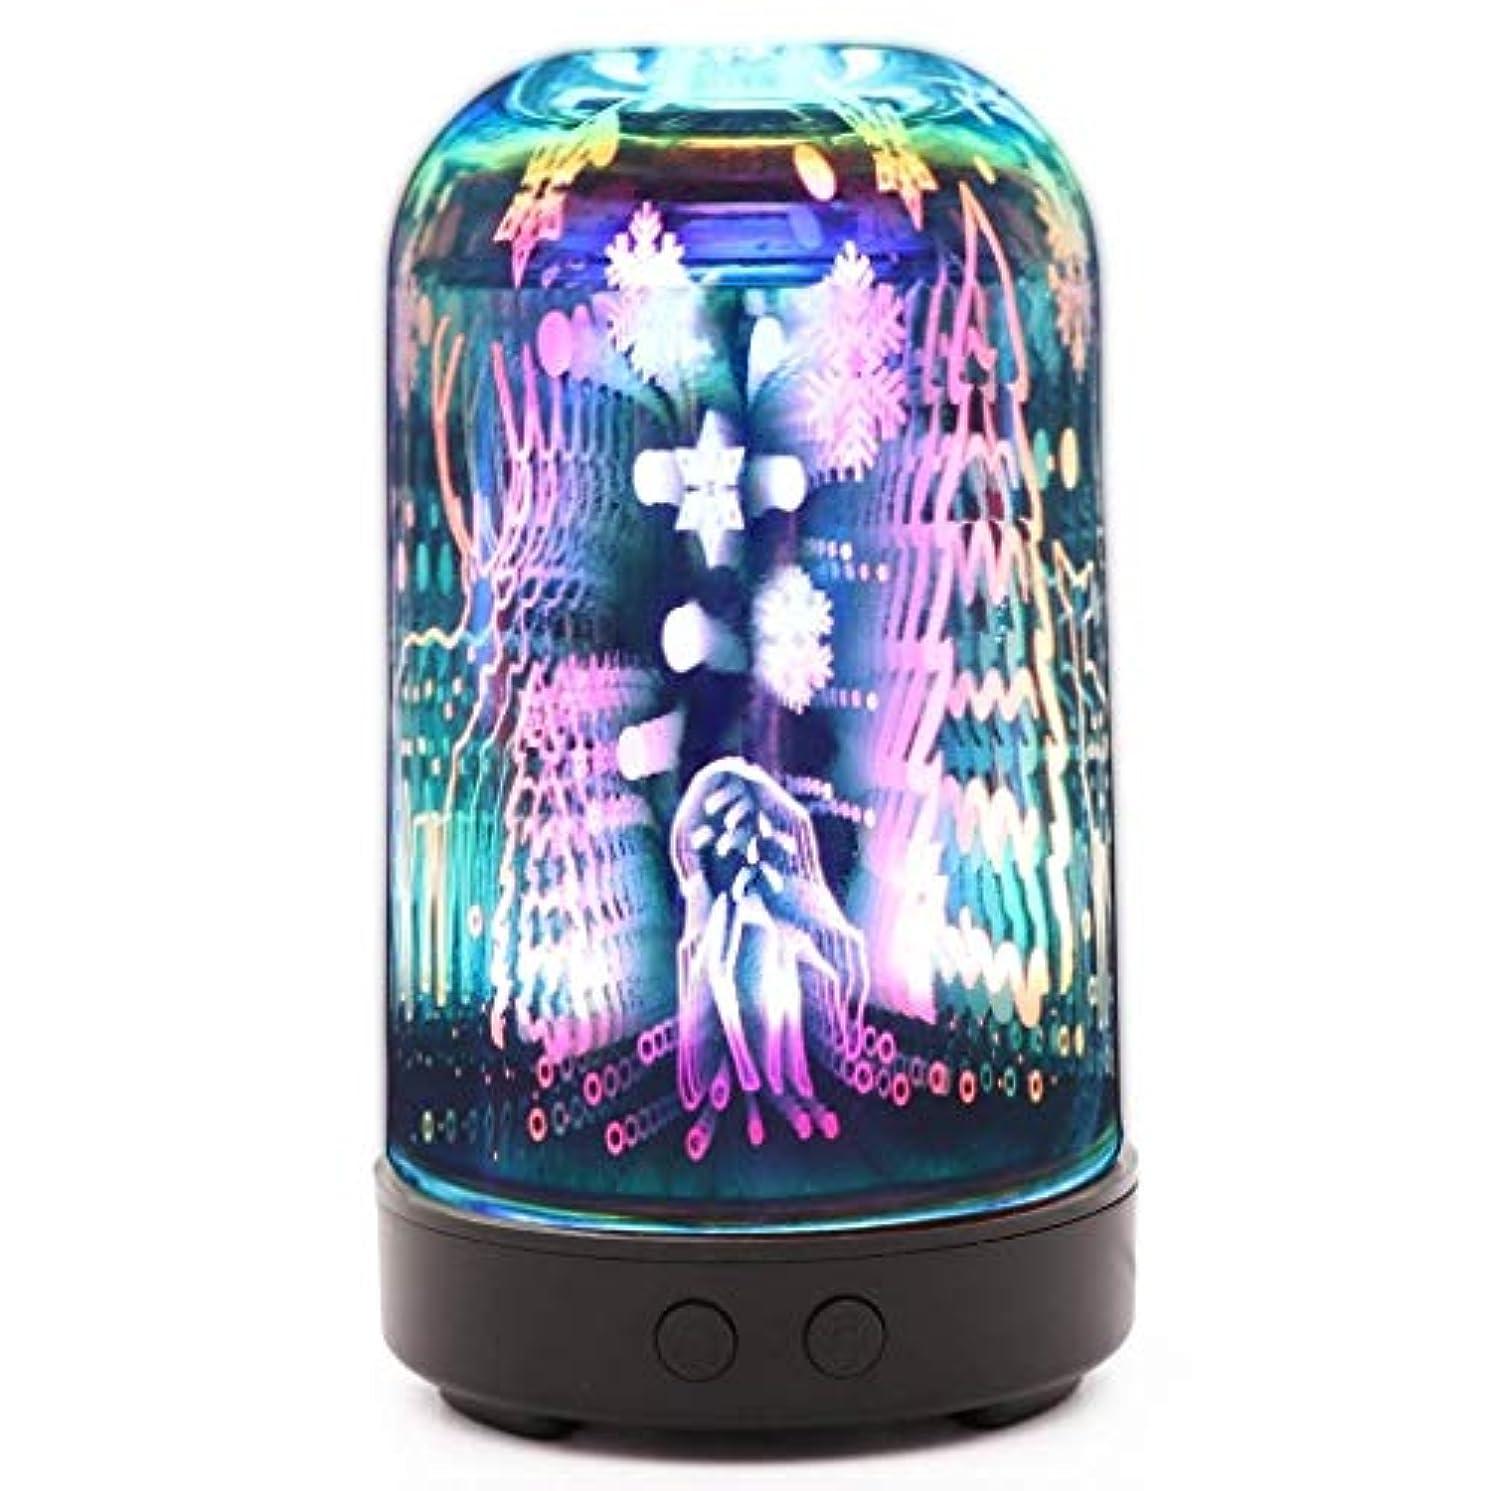 クラウン主人報奨金3dガラスエッセンシャルオイルディフューザー、100ミリリットルアロマセラピー超音波クールミスト空気加湿器自動シャットオフ機能ホームオフィス用ヨガスパ (Color : B)